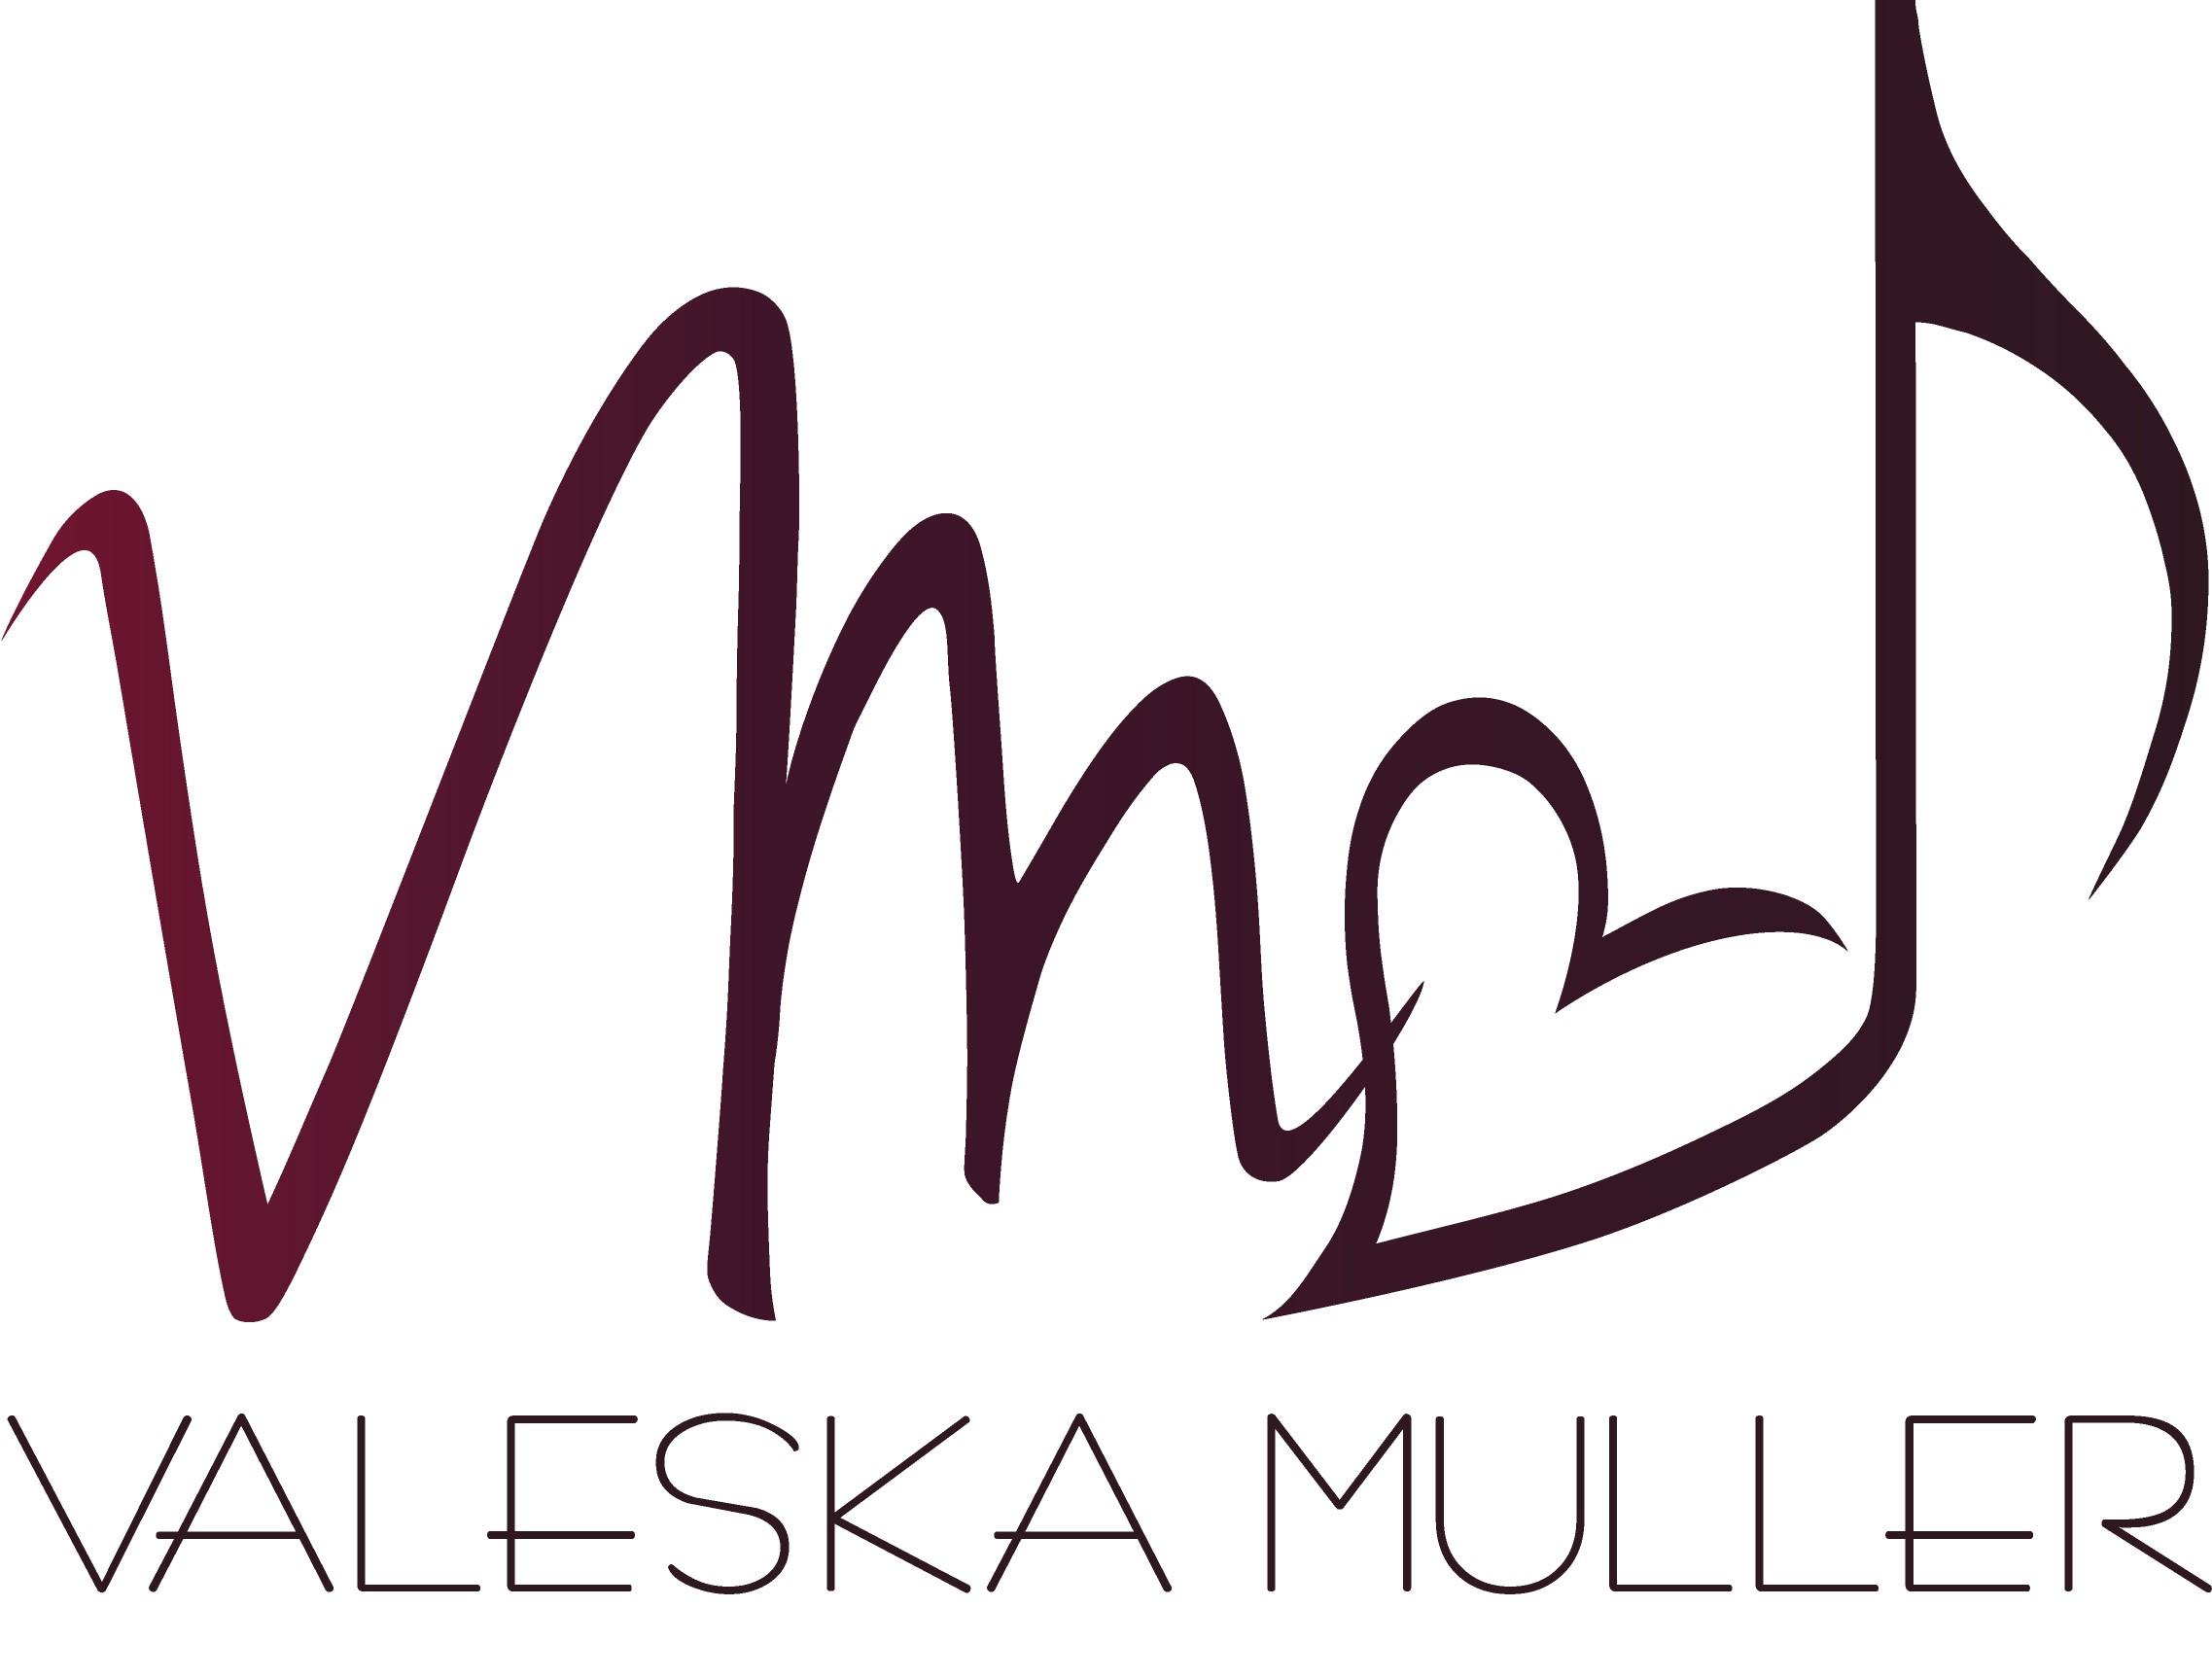 Valeska Muller